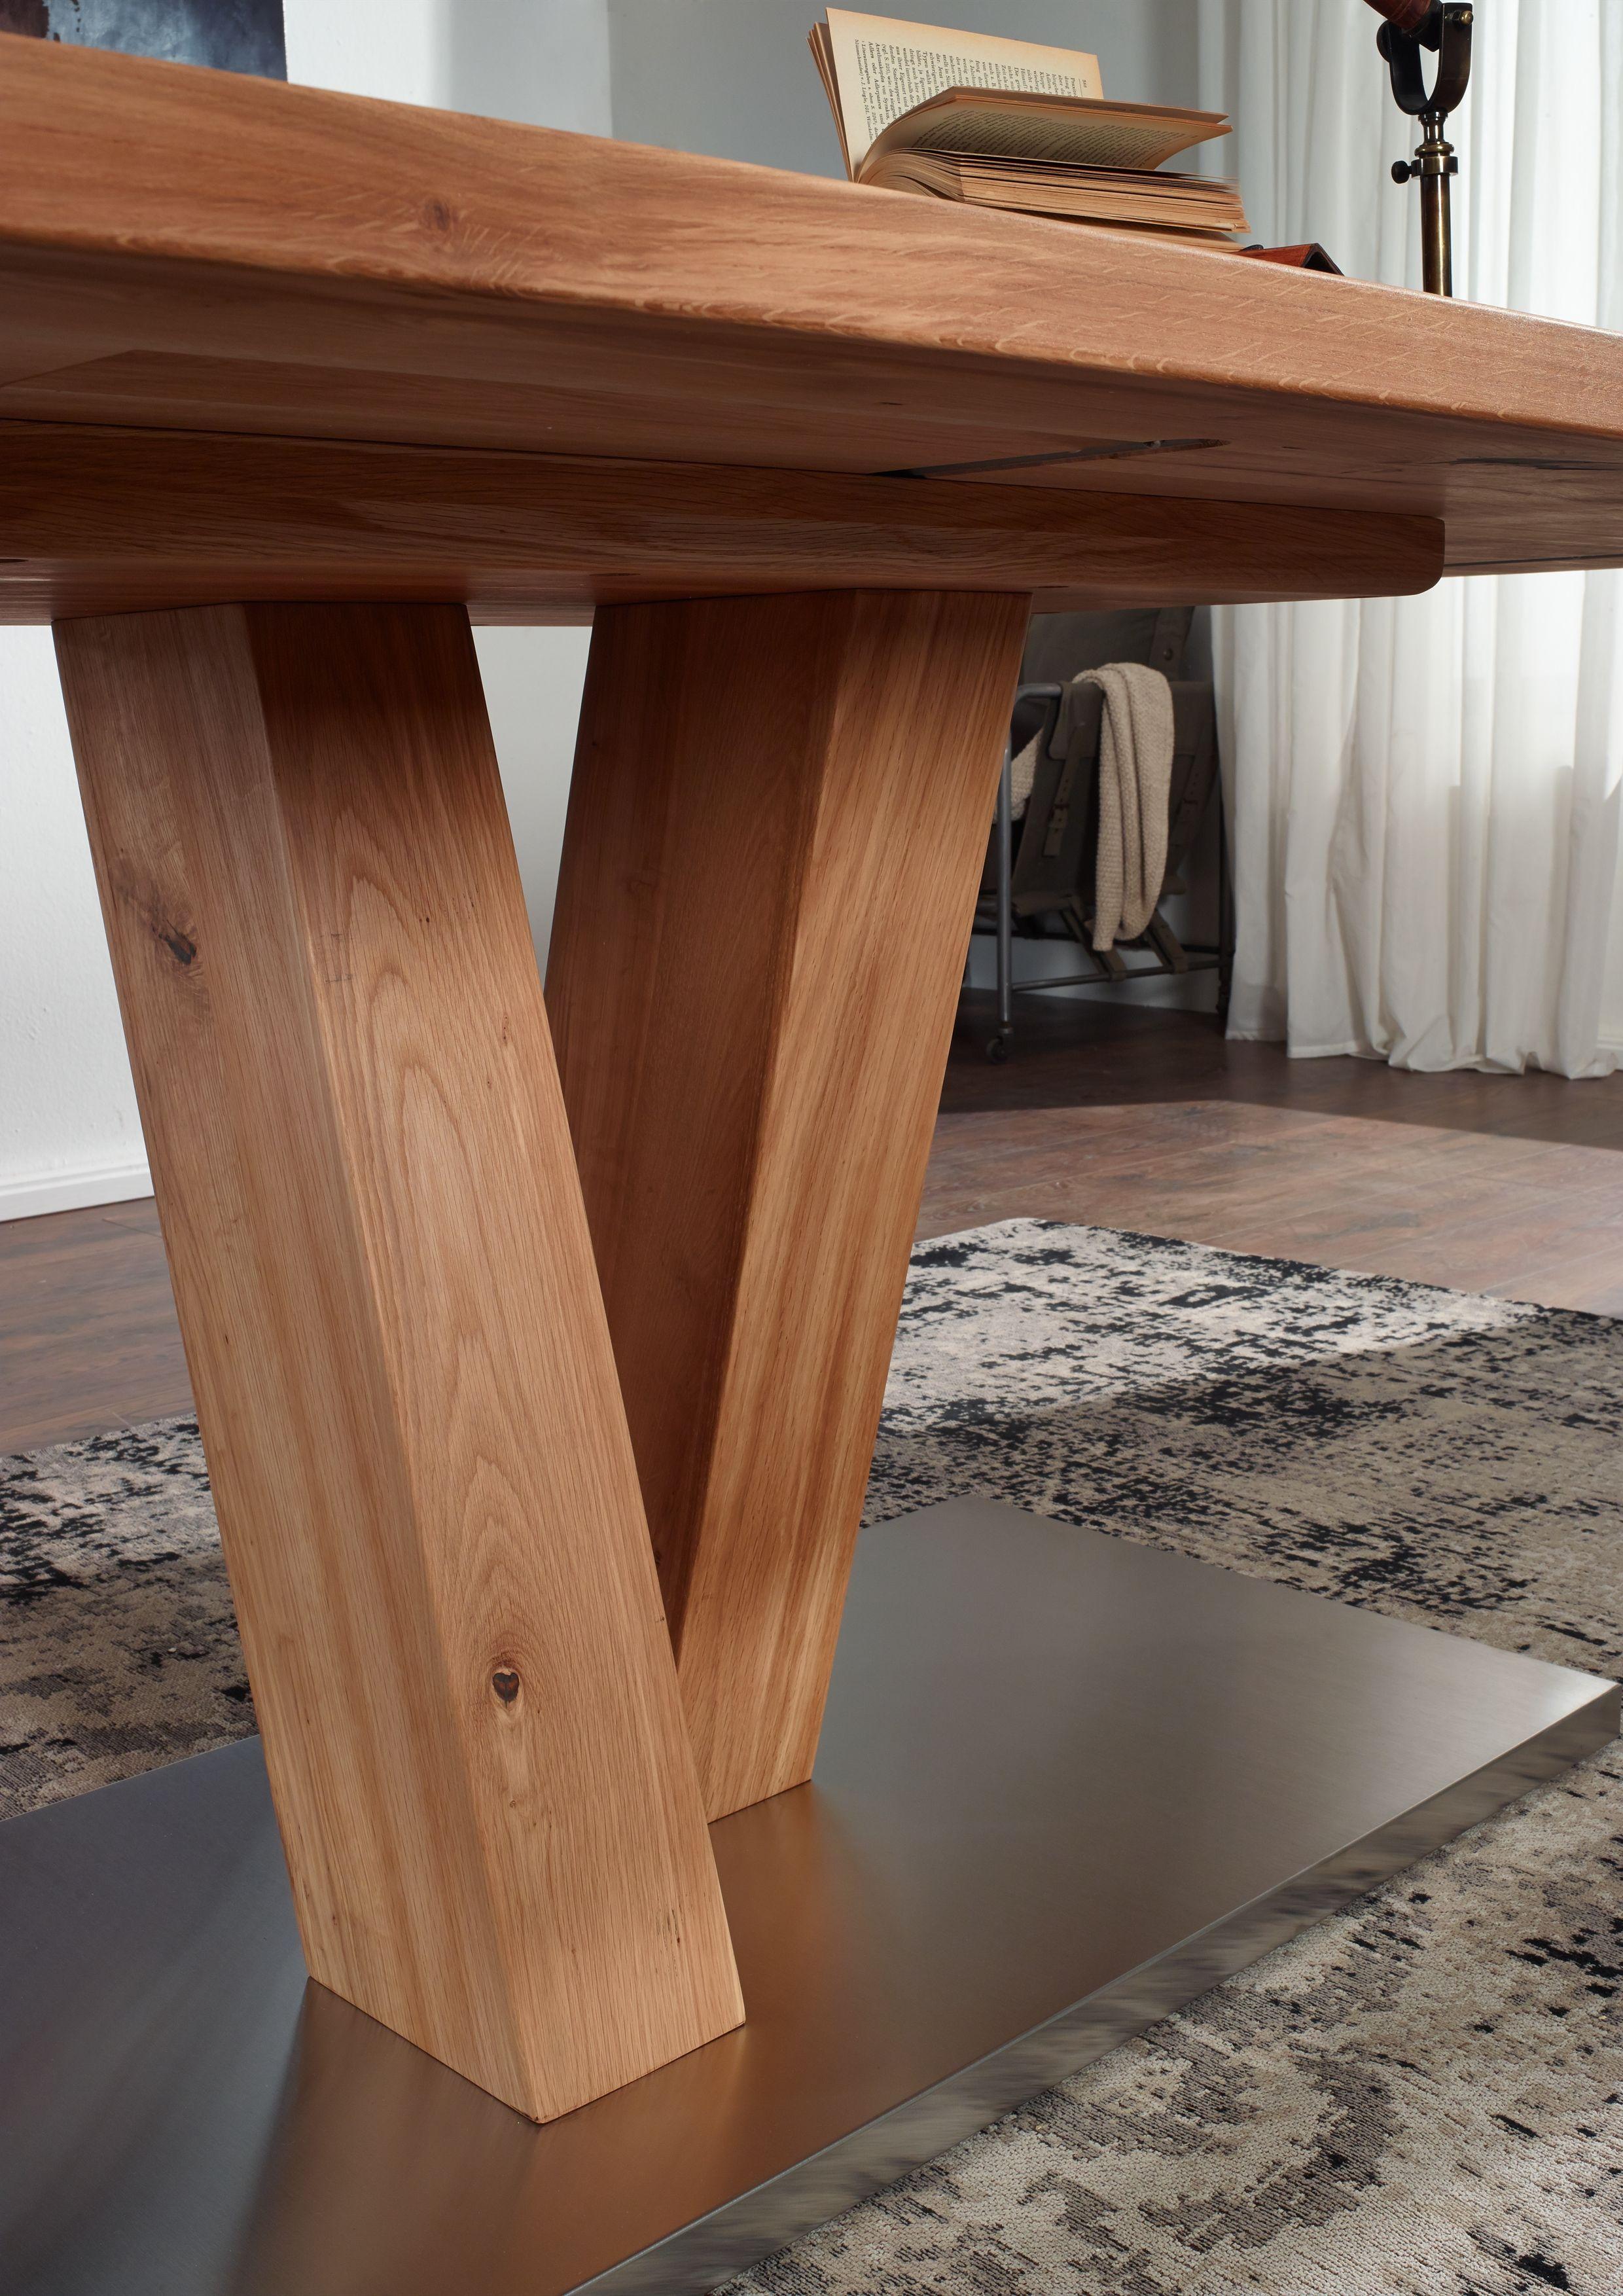 esstisch wildeiche 200x100x76 natur riss optik ge lt bremen 111 bremen and modern. Black Bedroom Furniture Sets. Home Design Ideas